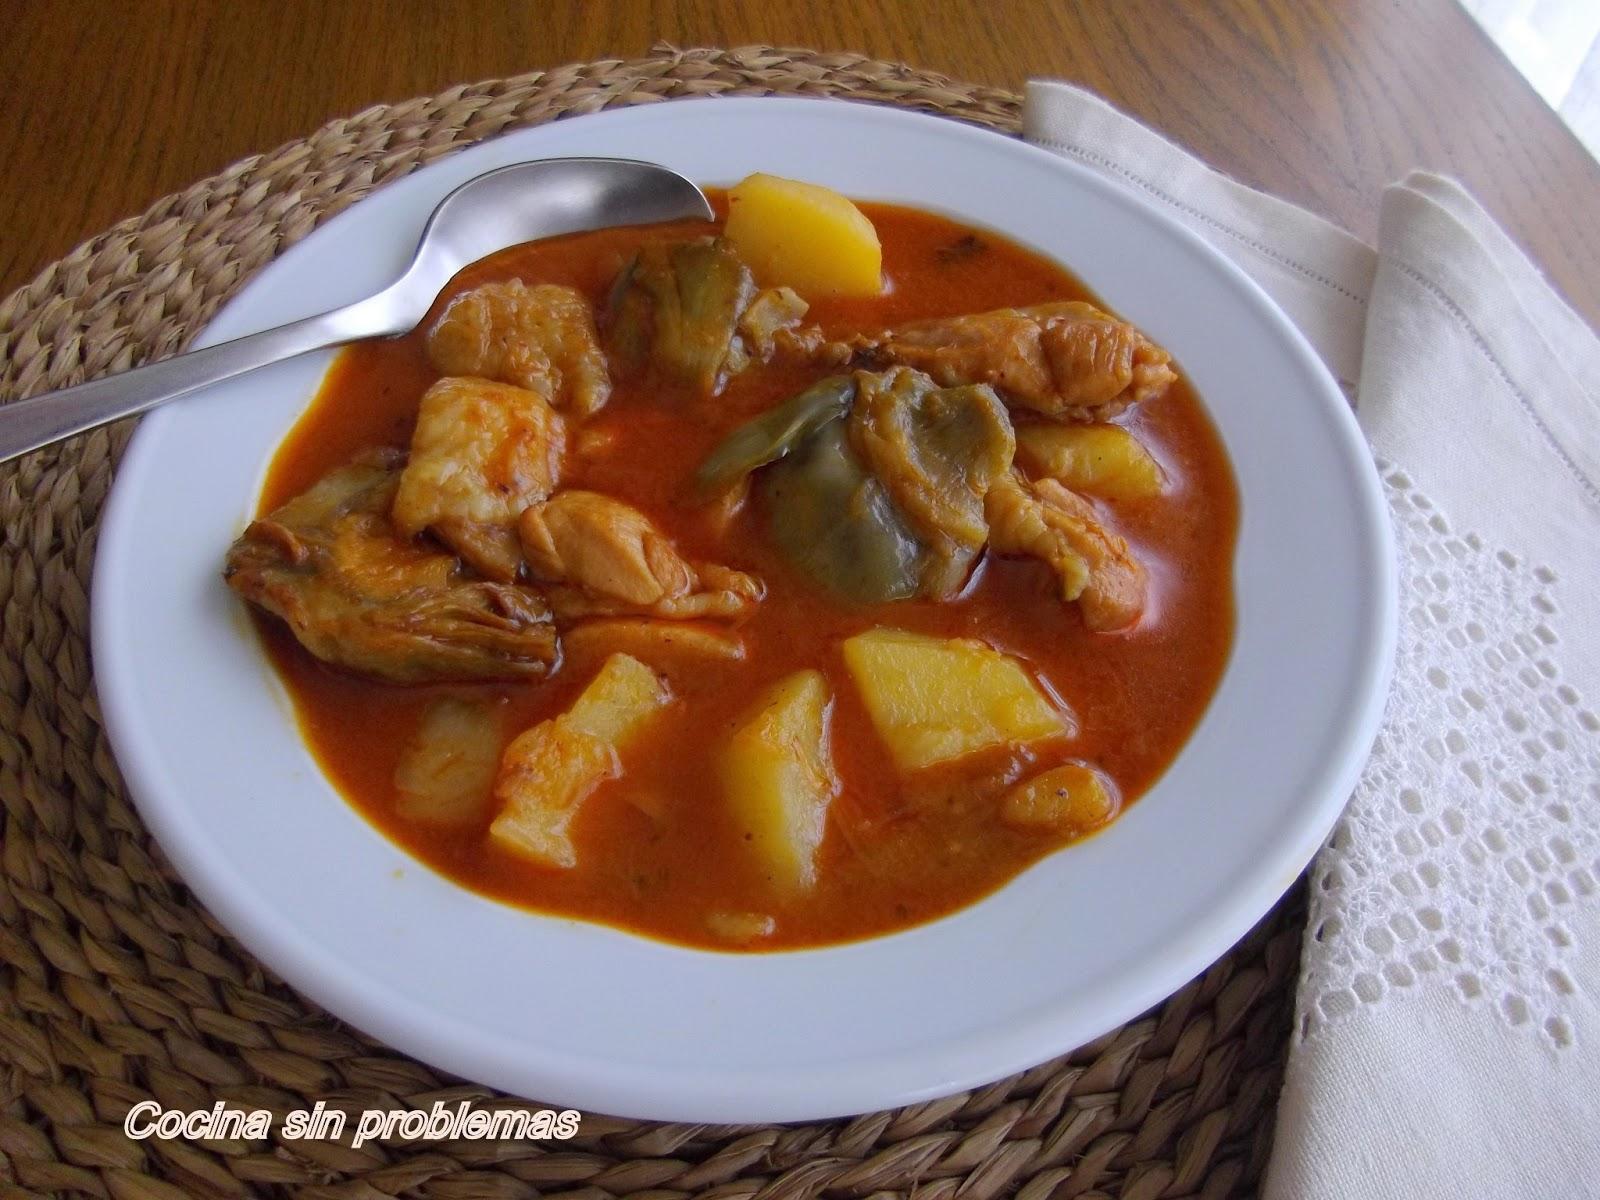 Cocina sin problemas guisado de pollo - Pollo de corral guisado ...